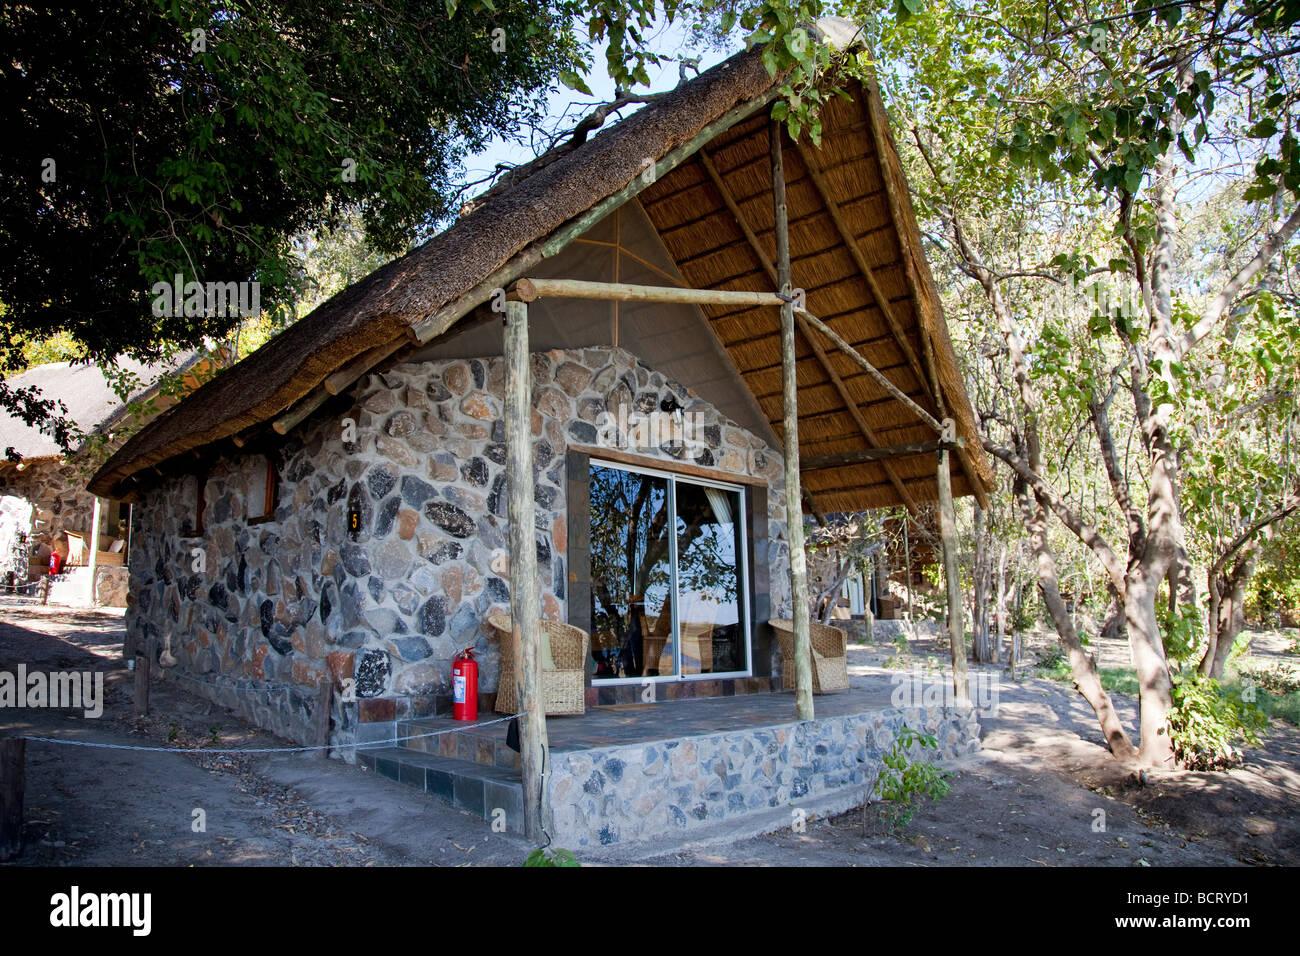 Guest chalet at Thamalakane River Lodge near Maun, northern Botswana - Stock Image